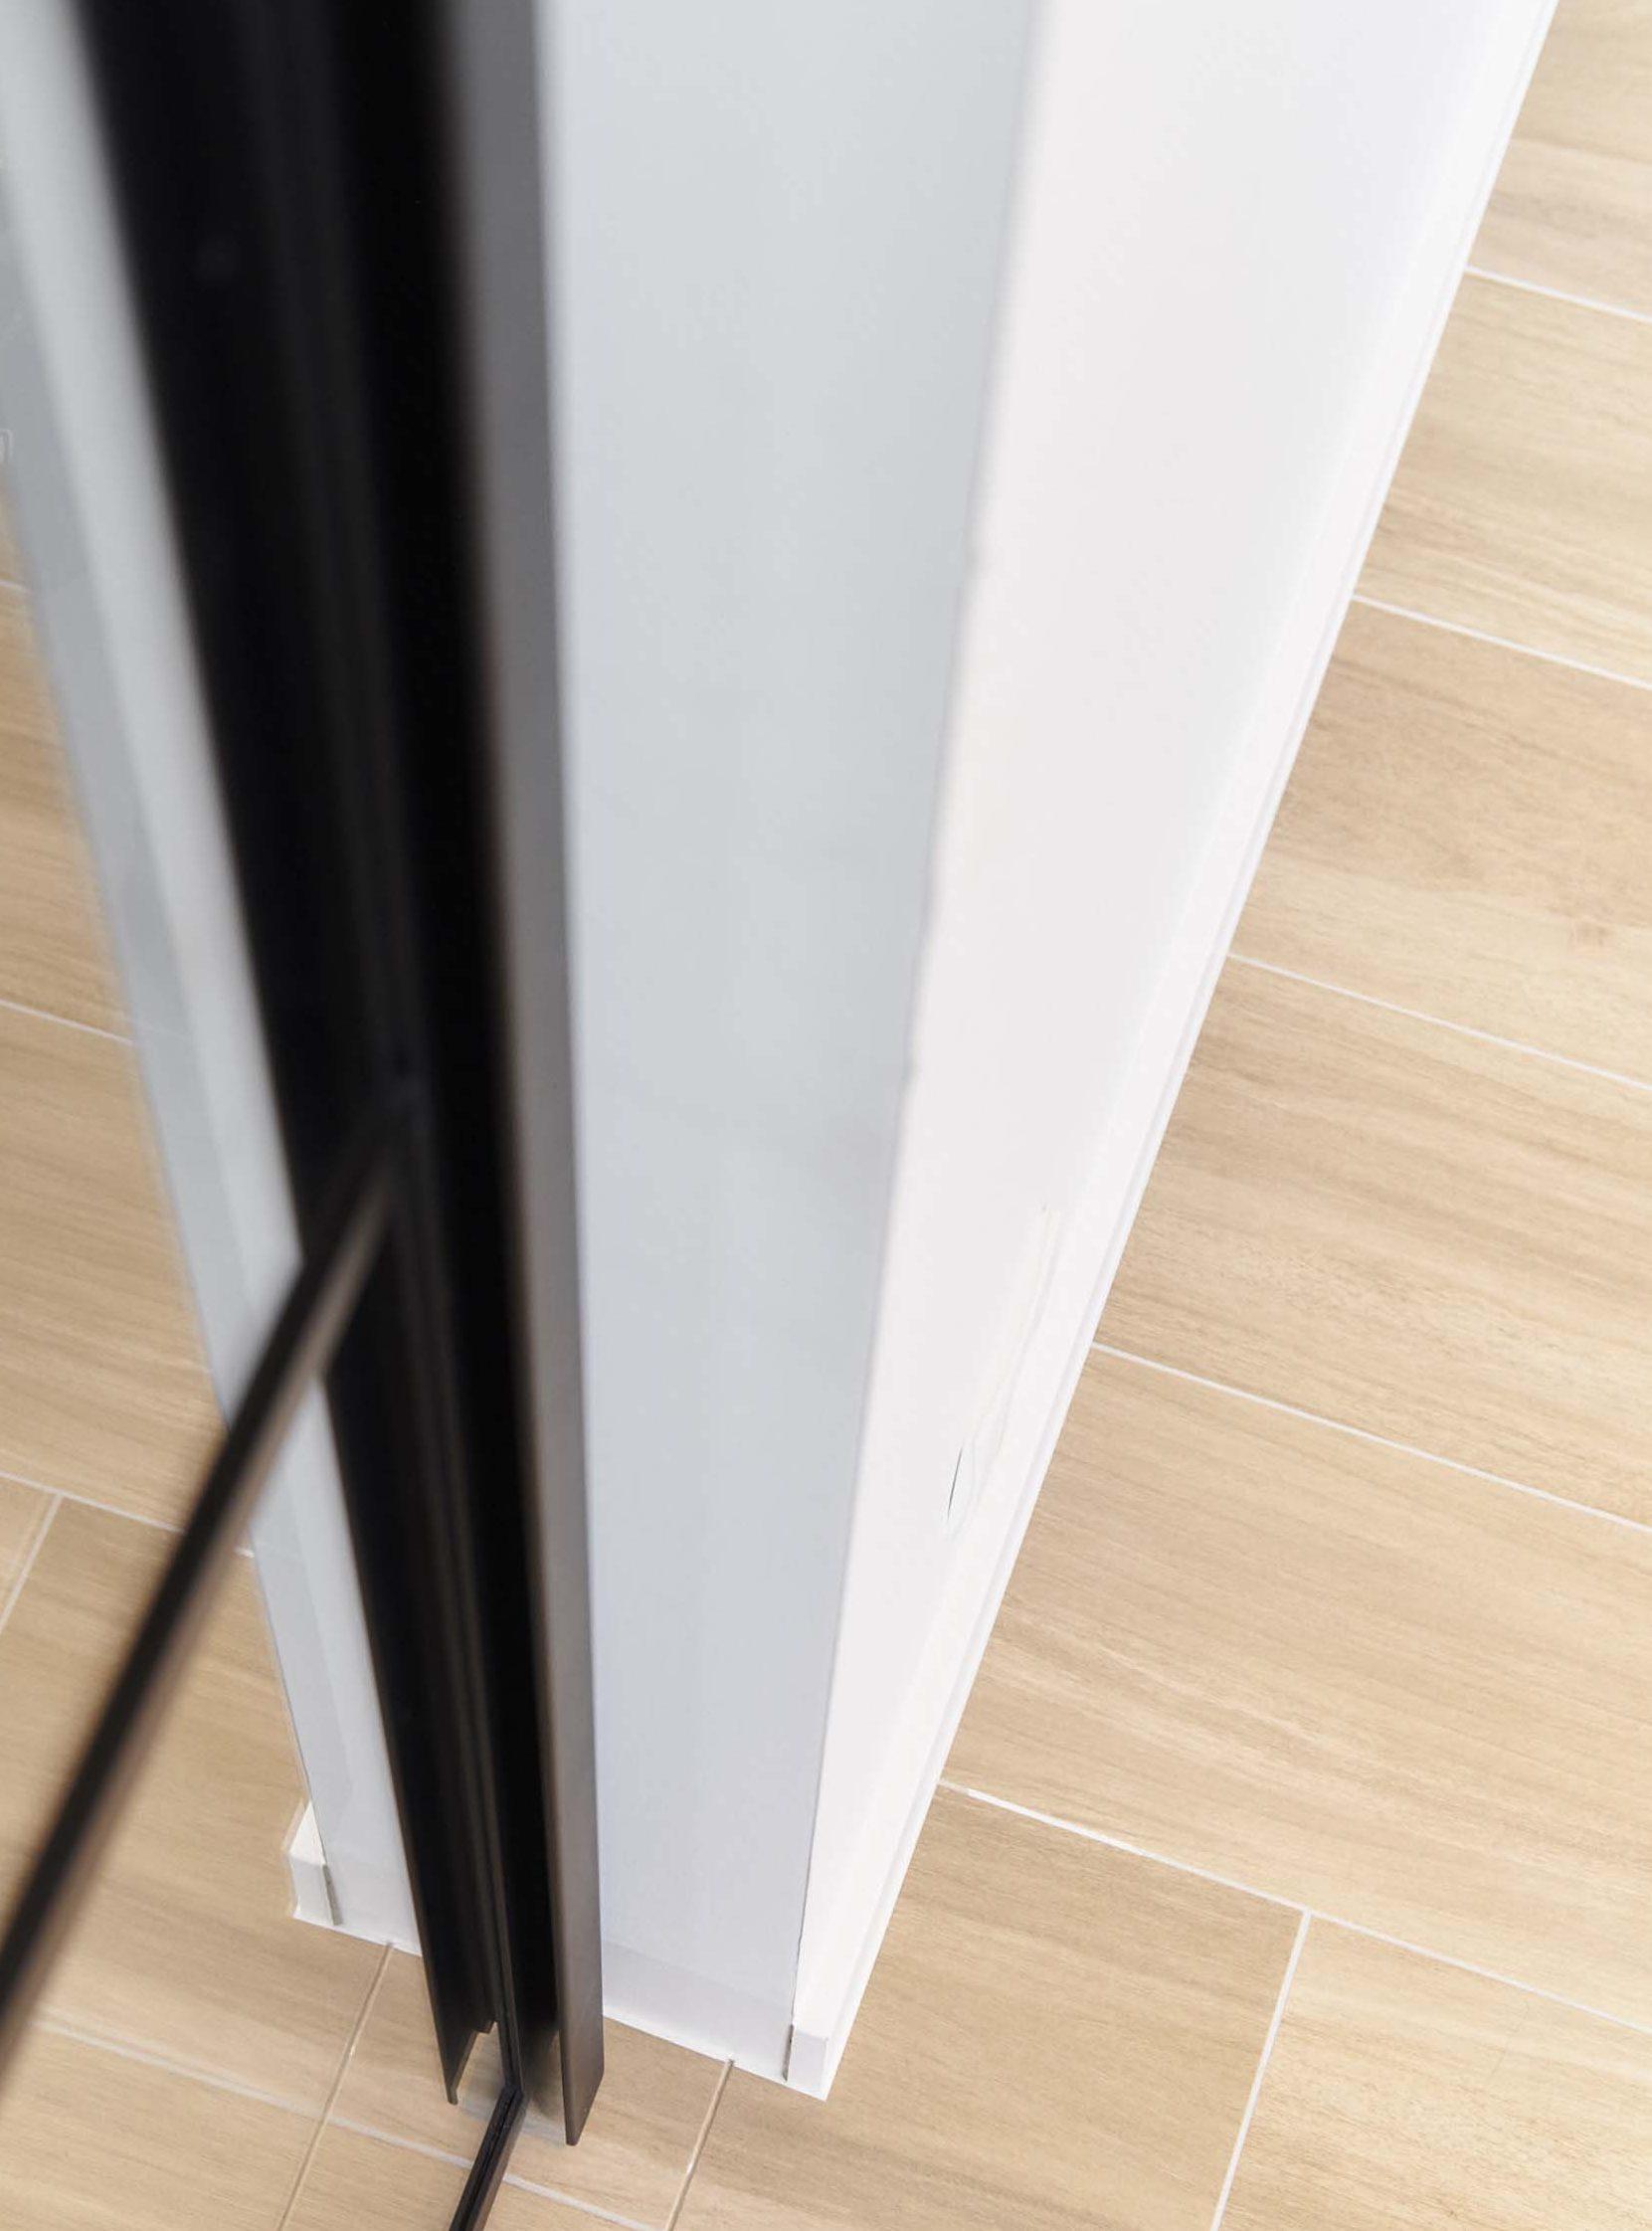 Vanda-projects-interieurinrichting-meubelmakerij-oost-vlaanderen-verfaillie-anne-deurframe